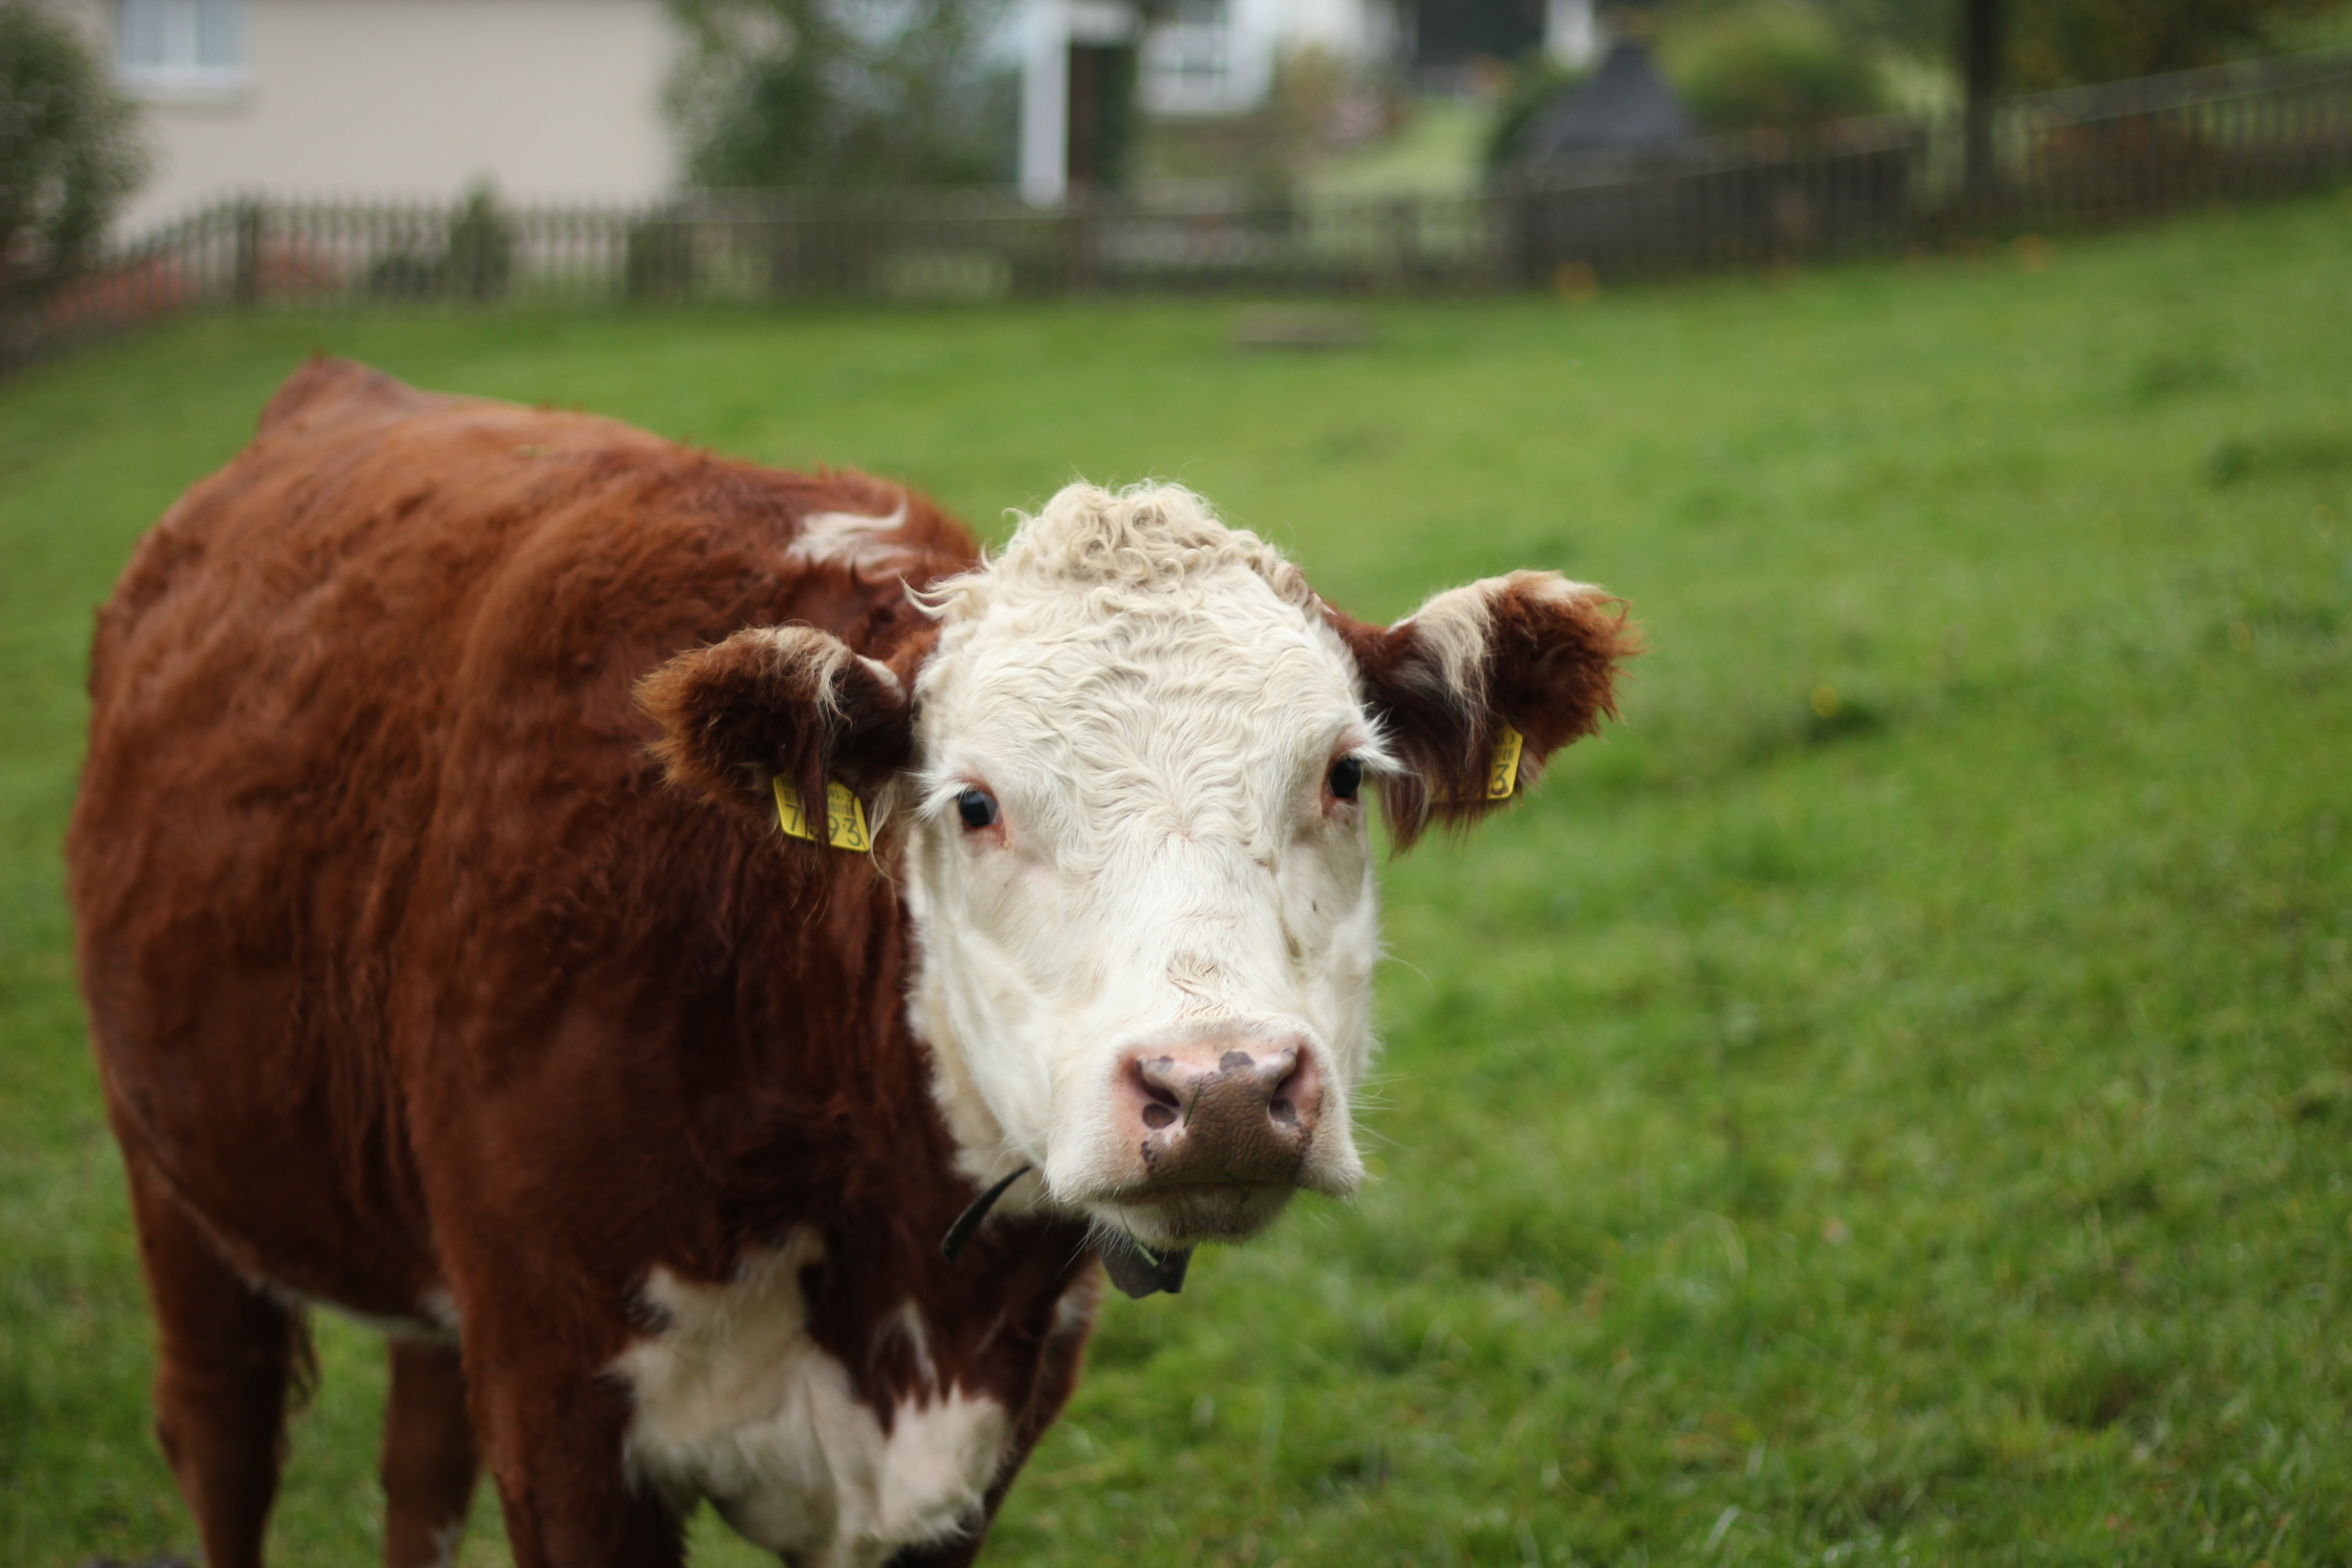 Braune Kuh mit weissem Kopf.jpg